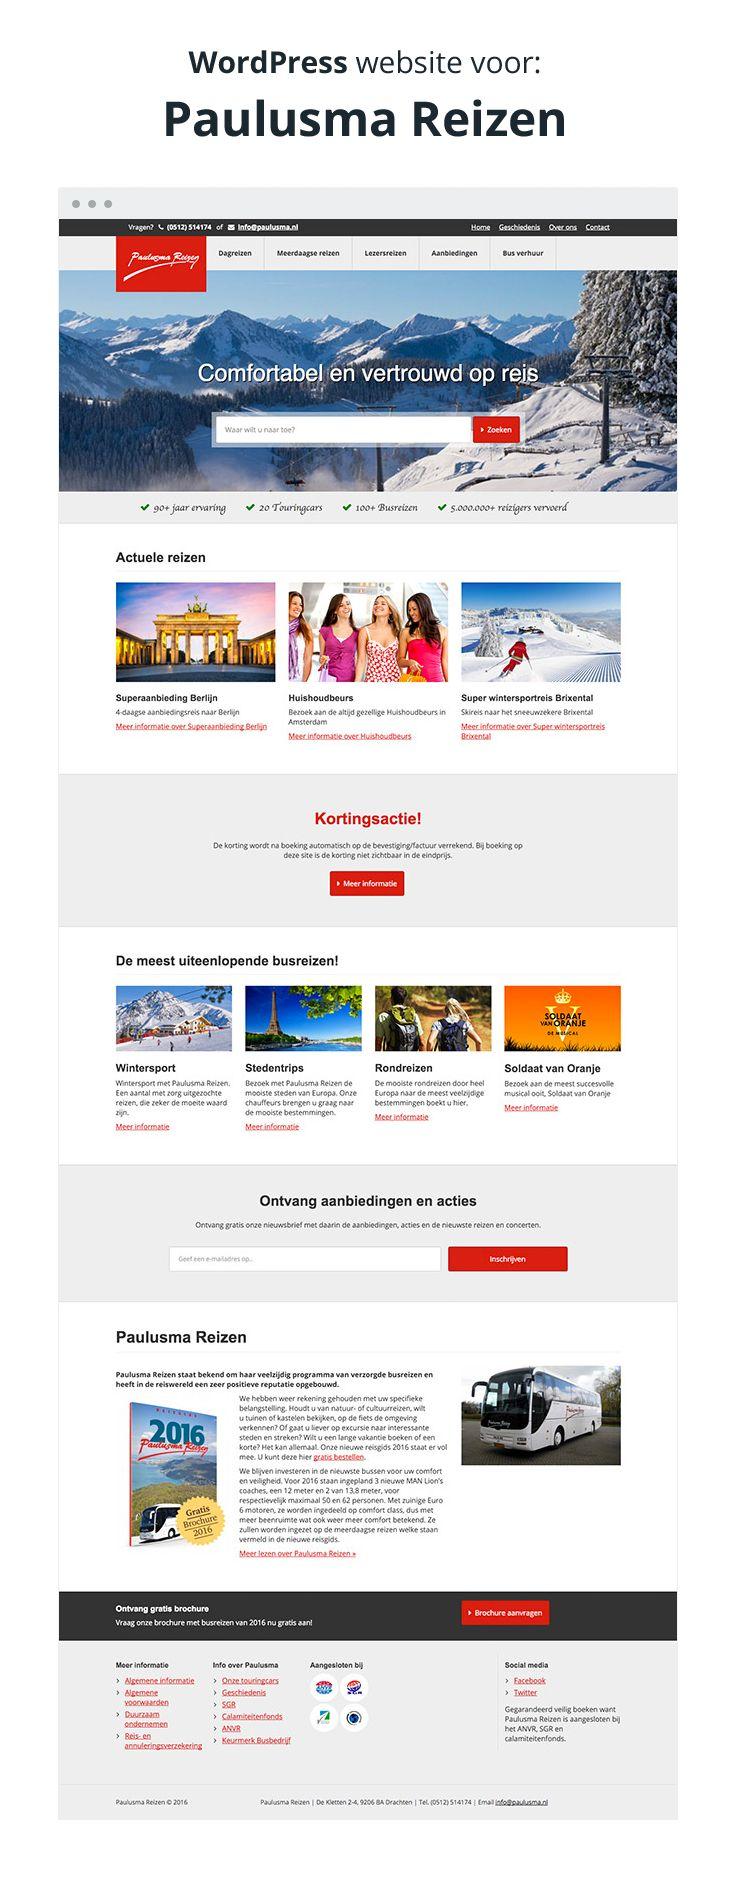 WordPress website voor Paulusma Reizen